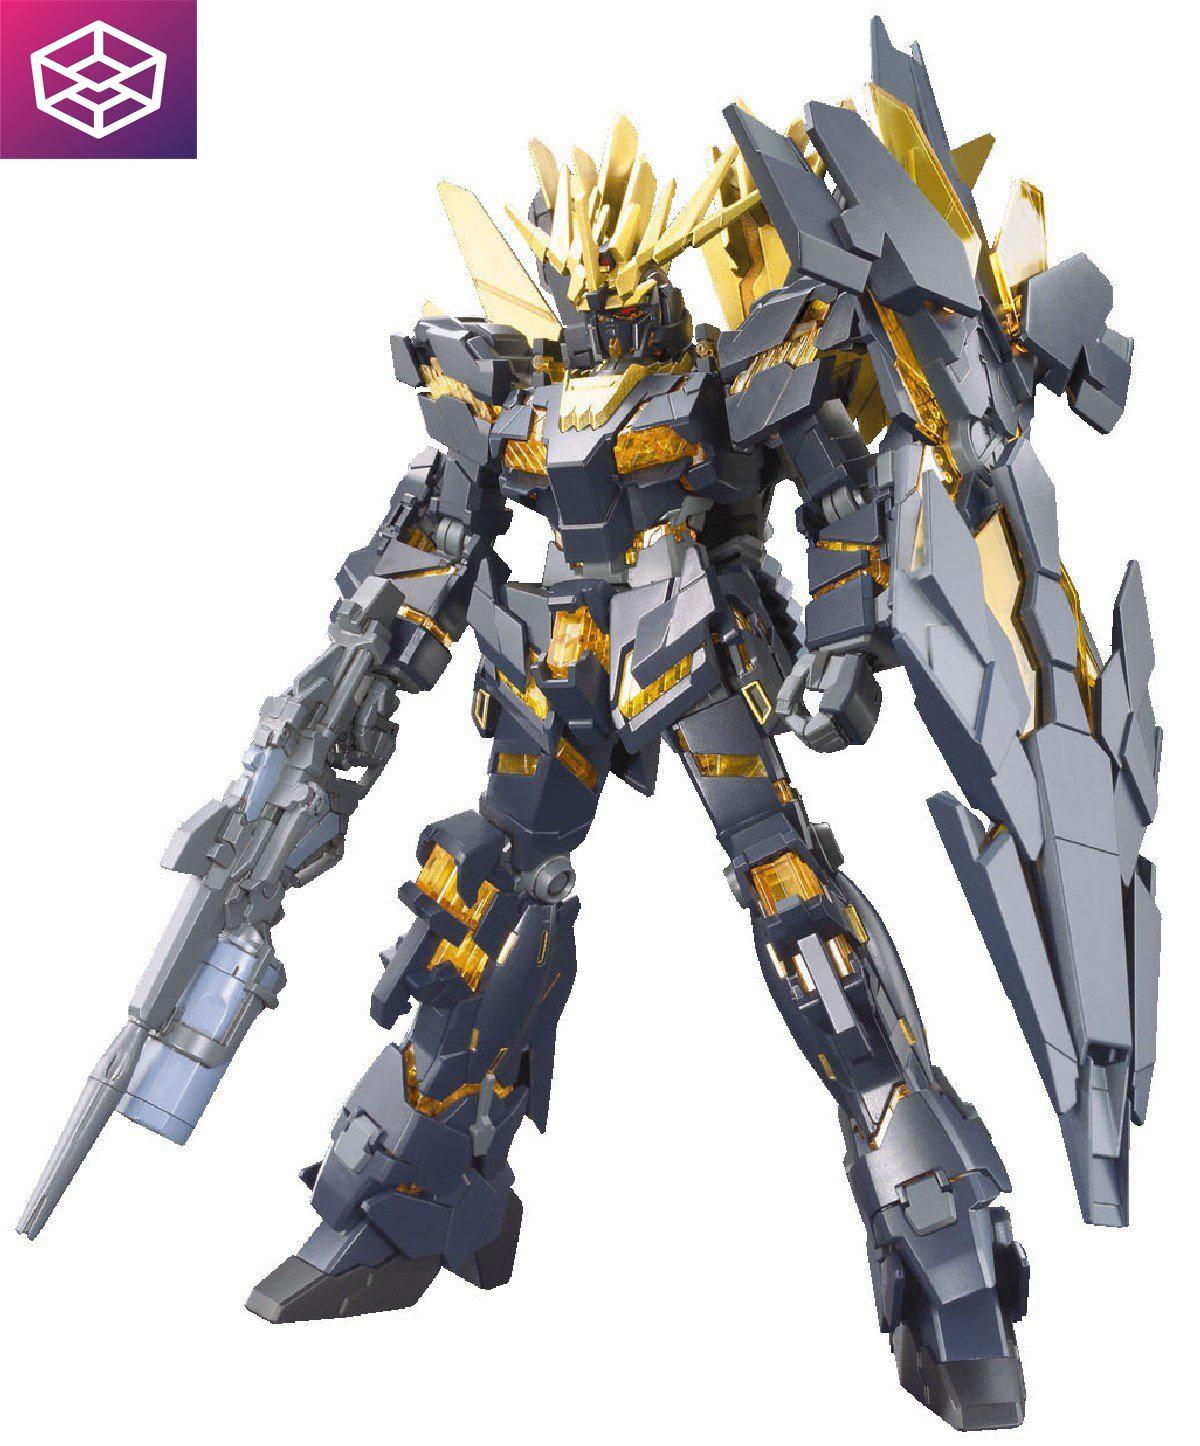 Hình ảnh Mô Hình Lắp Ráp Gundam Daban HG Banshee Norn Destroy Mode [3RD-GD]